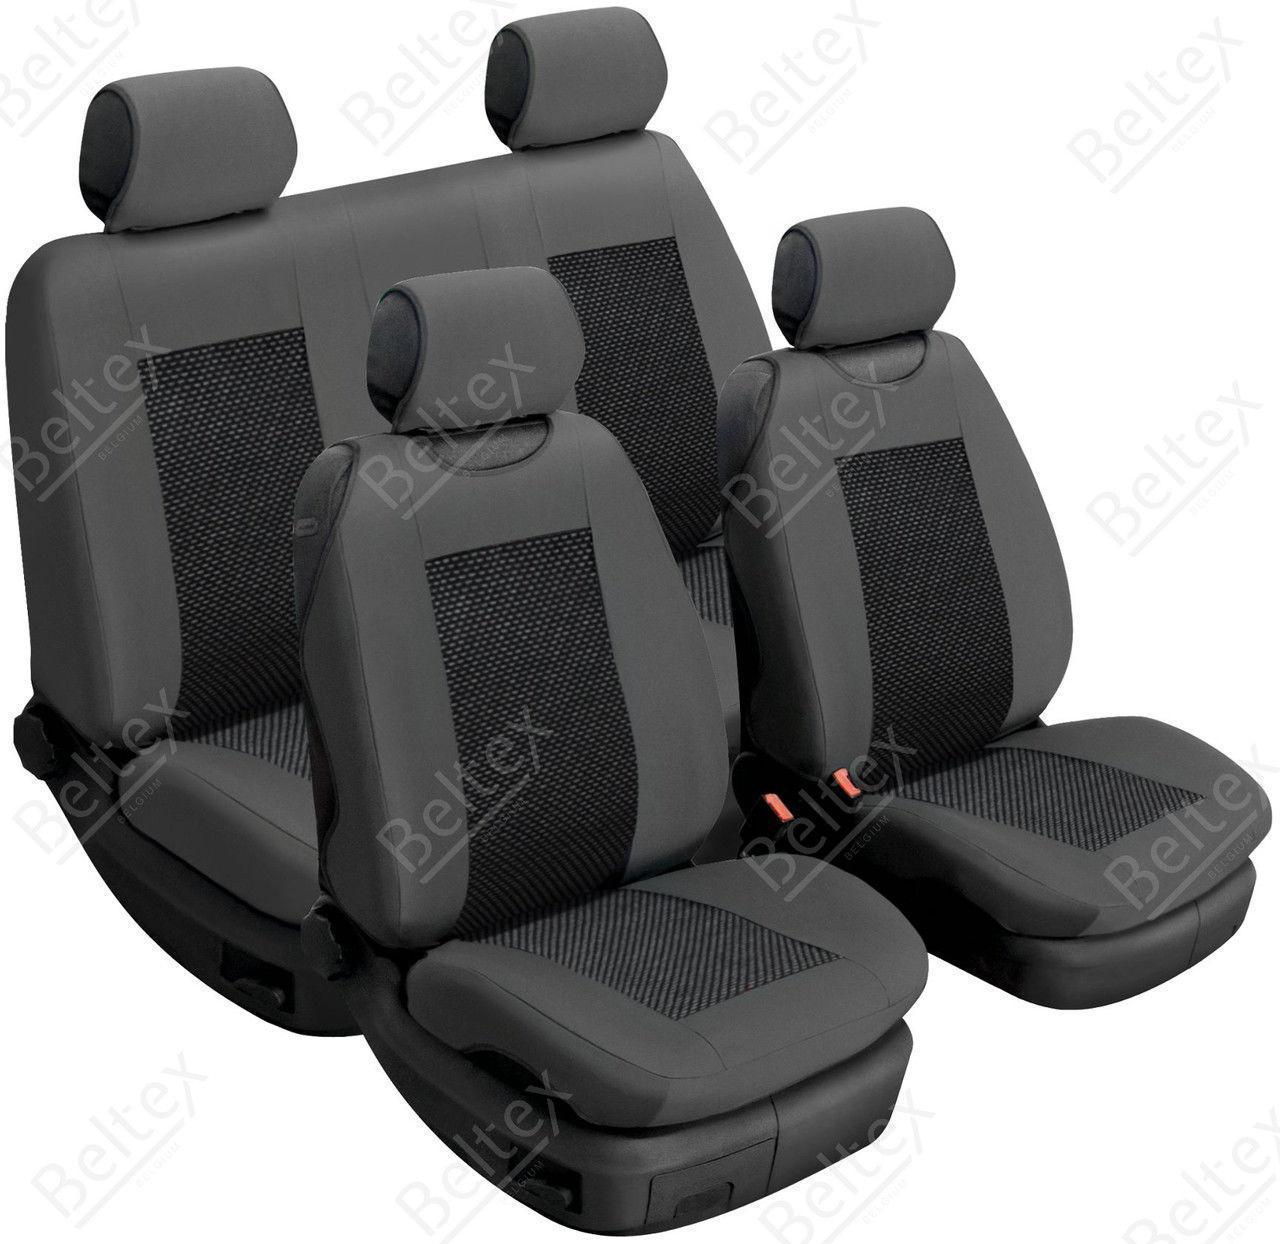 Майки/чехлы на сиденья Пежо 308 (Peugeot 308)